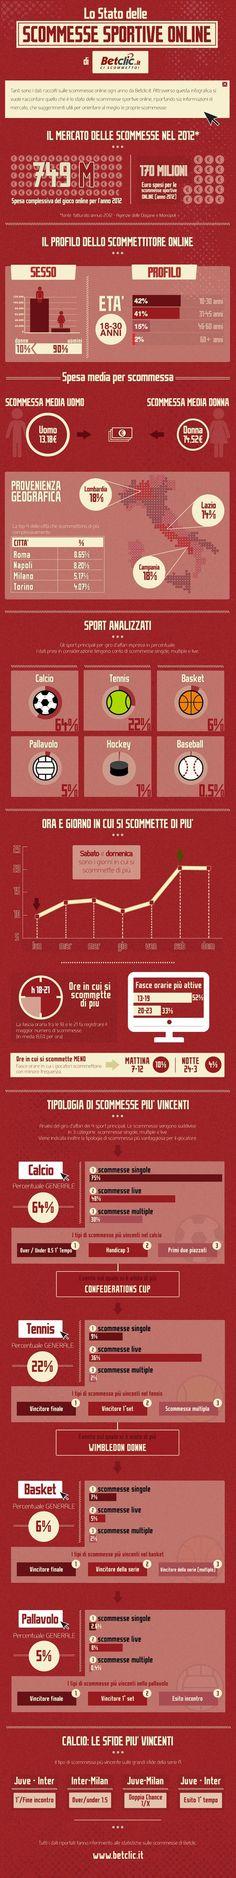 Ecco lo Stato delle Scommesse Online in Italia [Infografica]